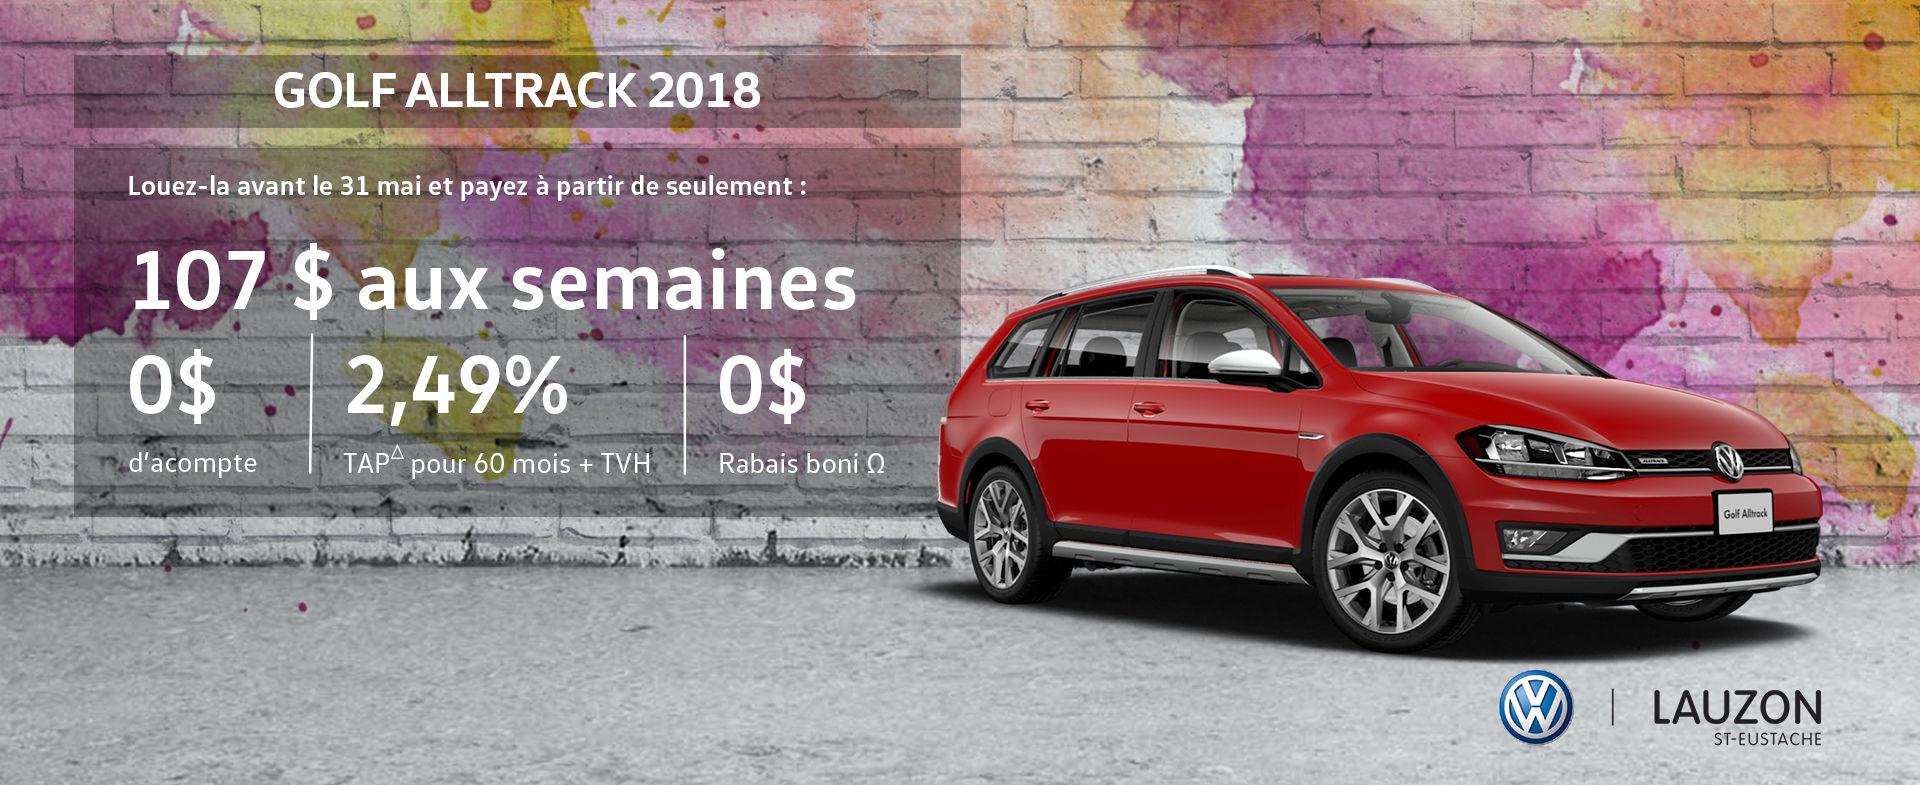 Promotion mai 2018 Volkswagen Golf Alltrack VW Lauzon St-Eustache